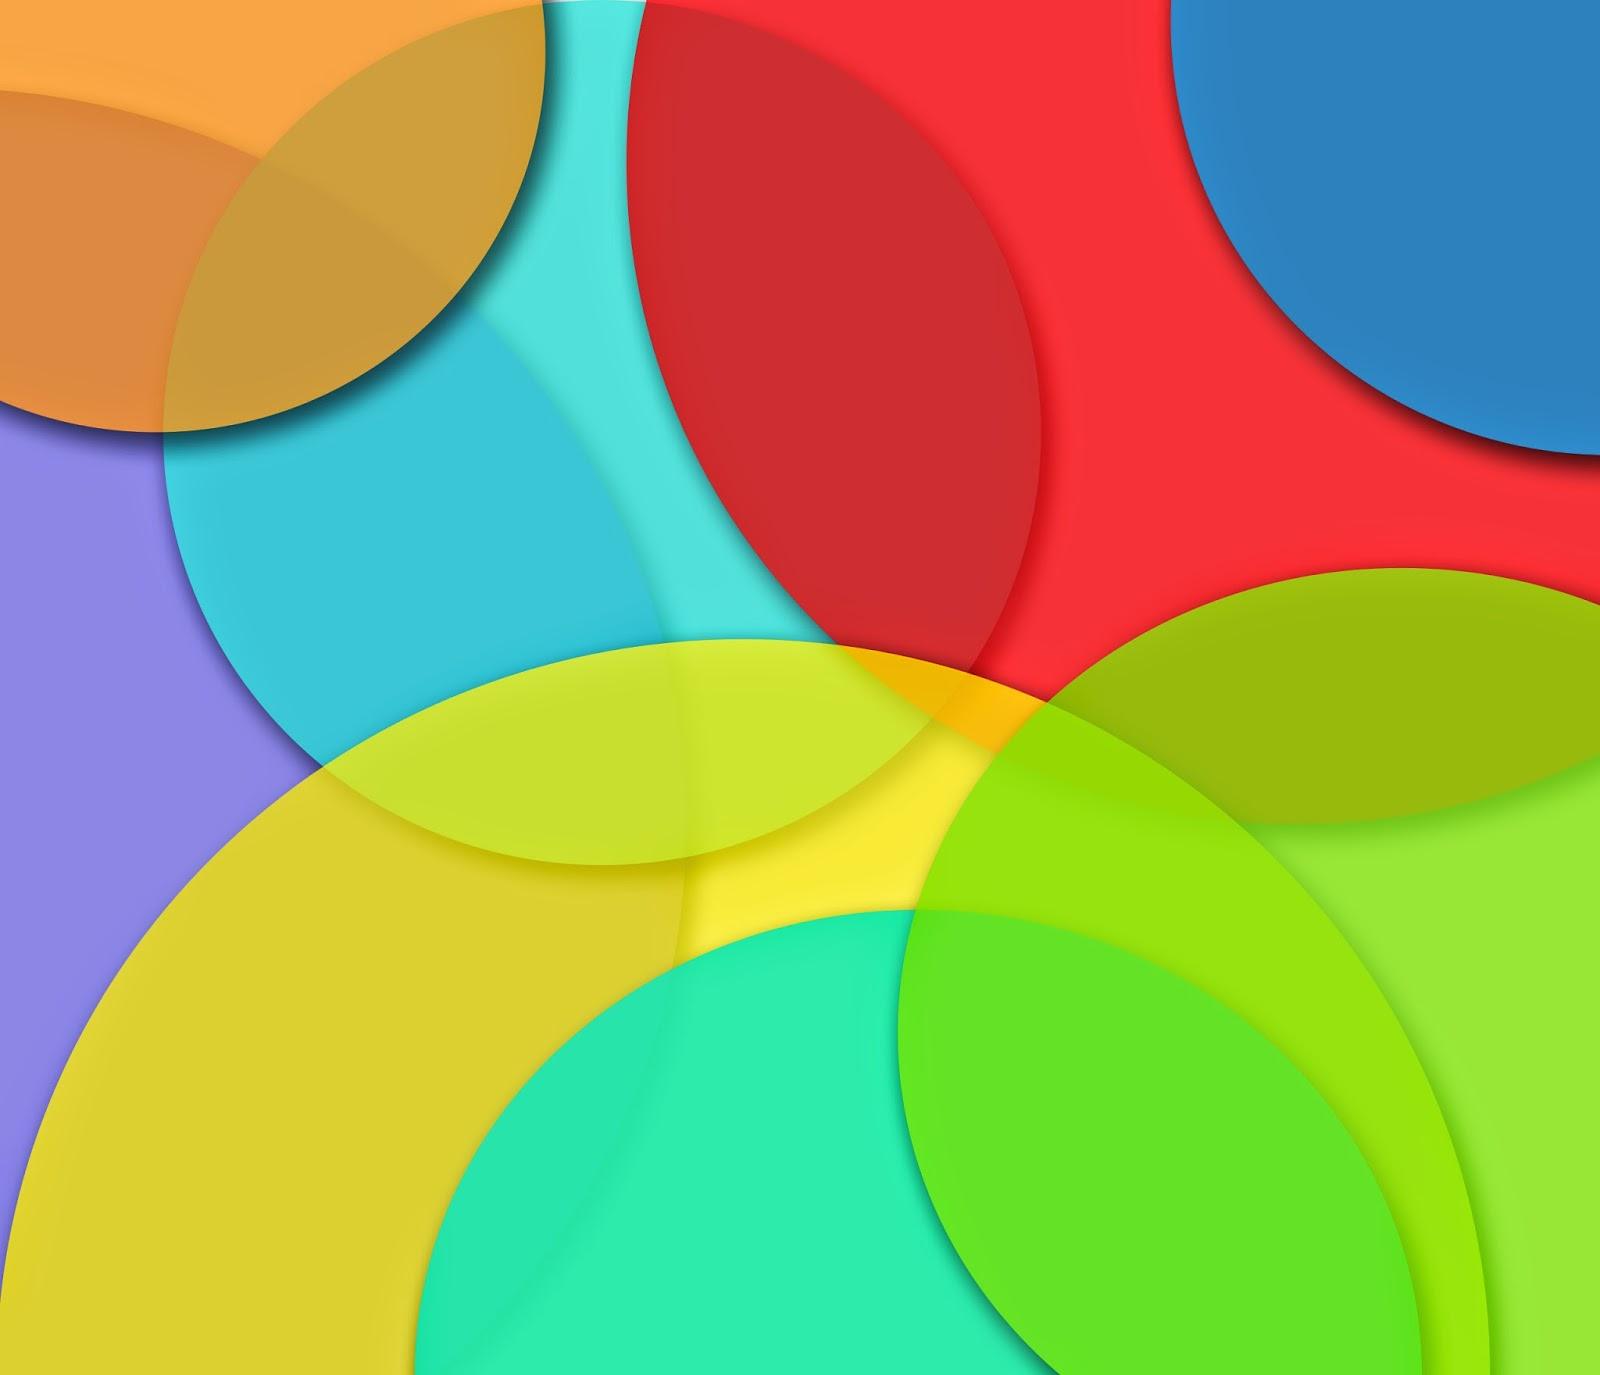 Wallpaper quad hd material design for Sfondi material design